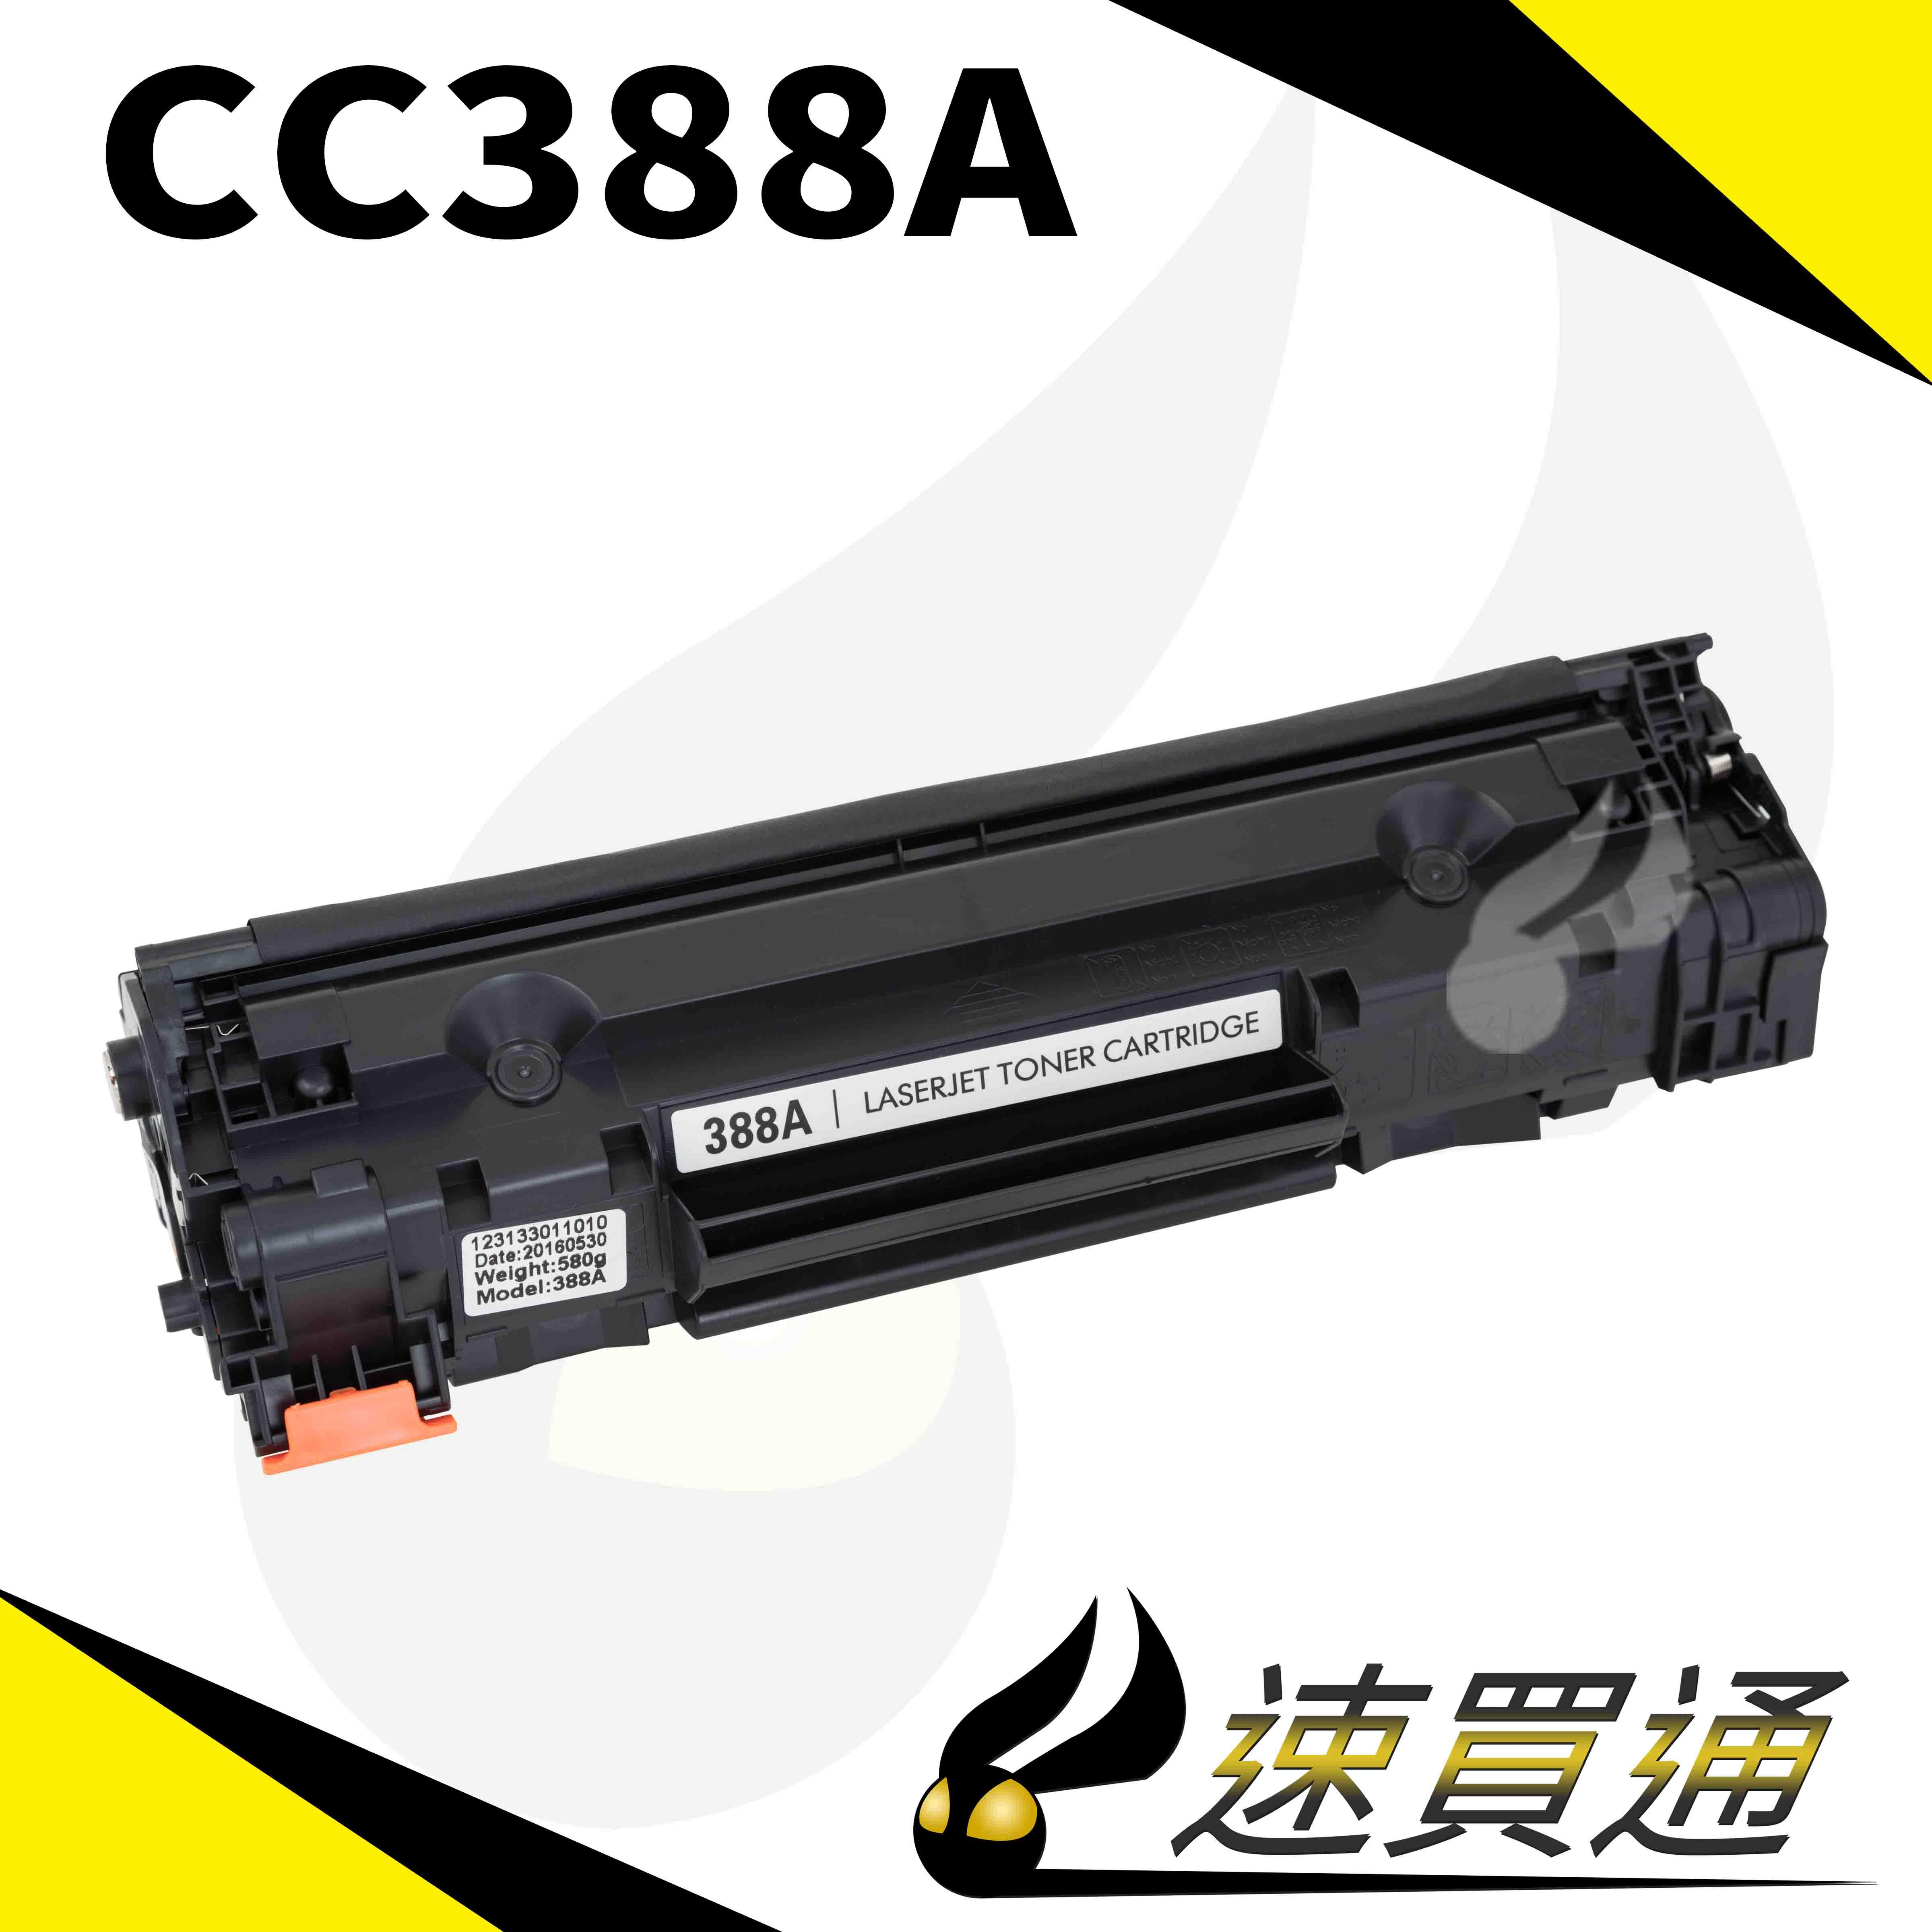 【速買通】HP CC388A 相容碳粉匣